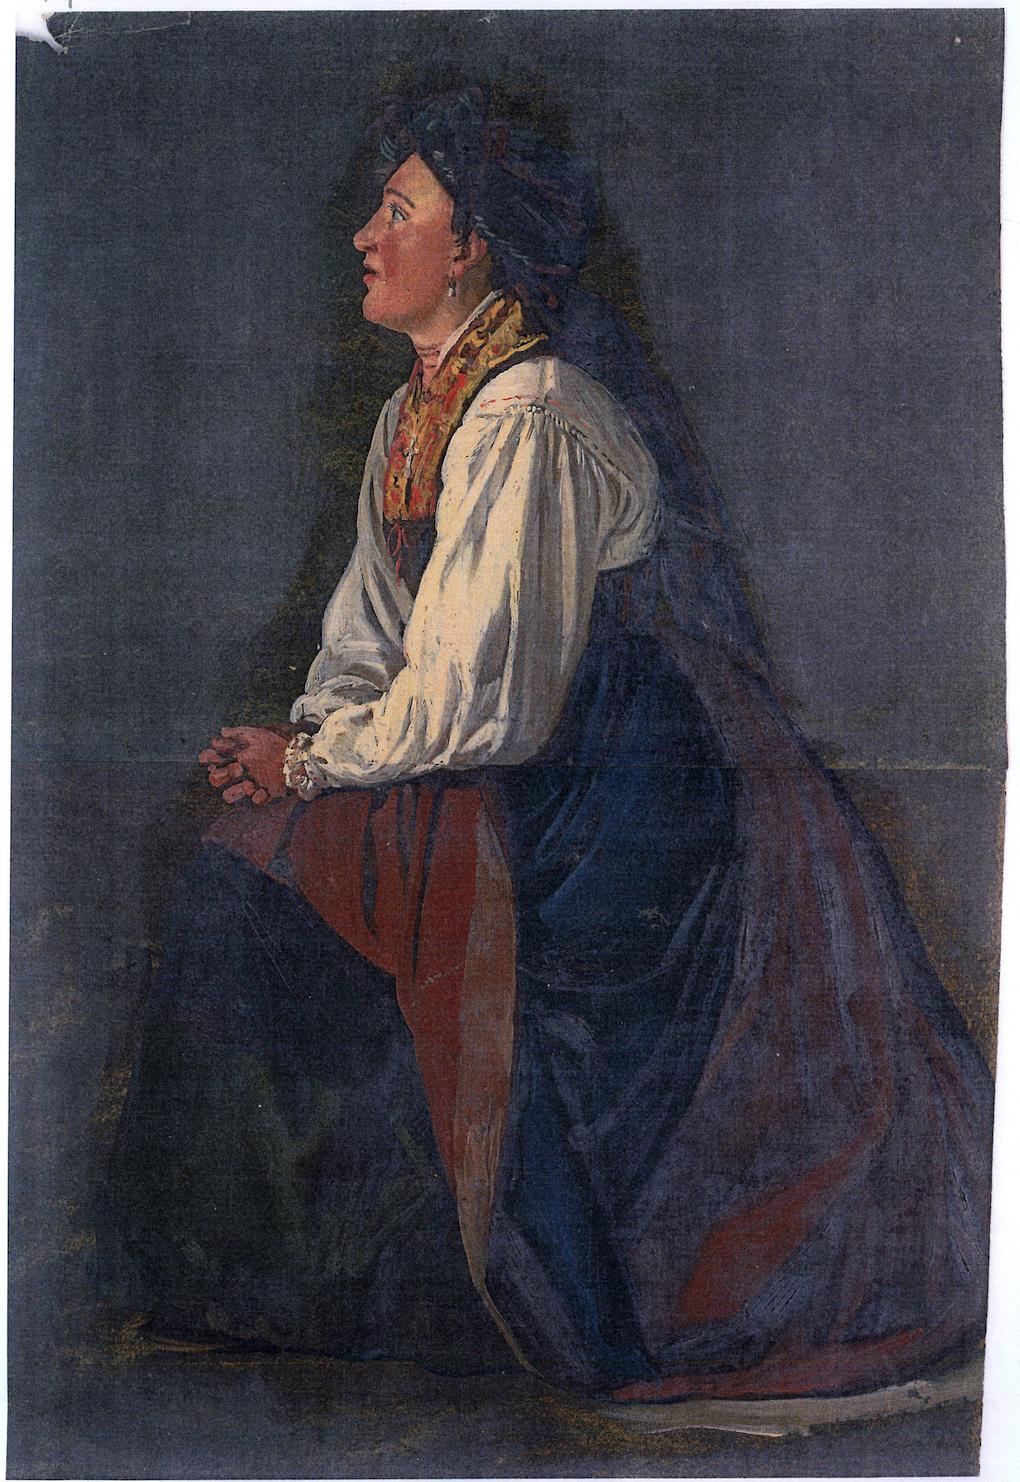 Ludwig Most, Modląca się kobieta, 1851, studium postaci do obrazu Wieczorna modlitwa czeskich chłopów, olej na papierze, Muzeum Narodowe w Szczecinie